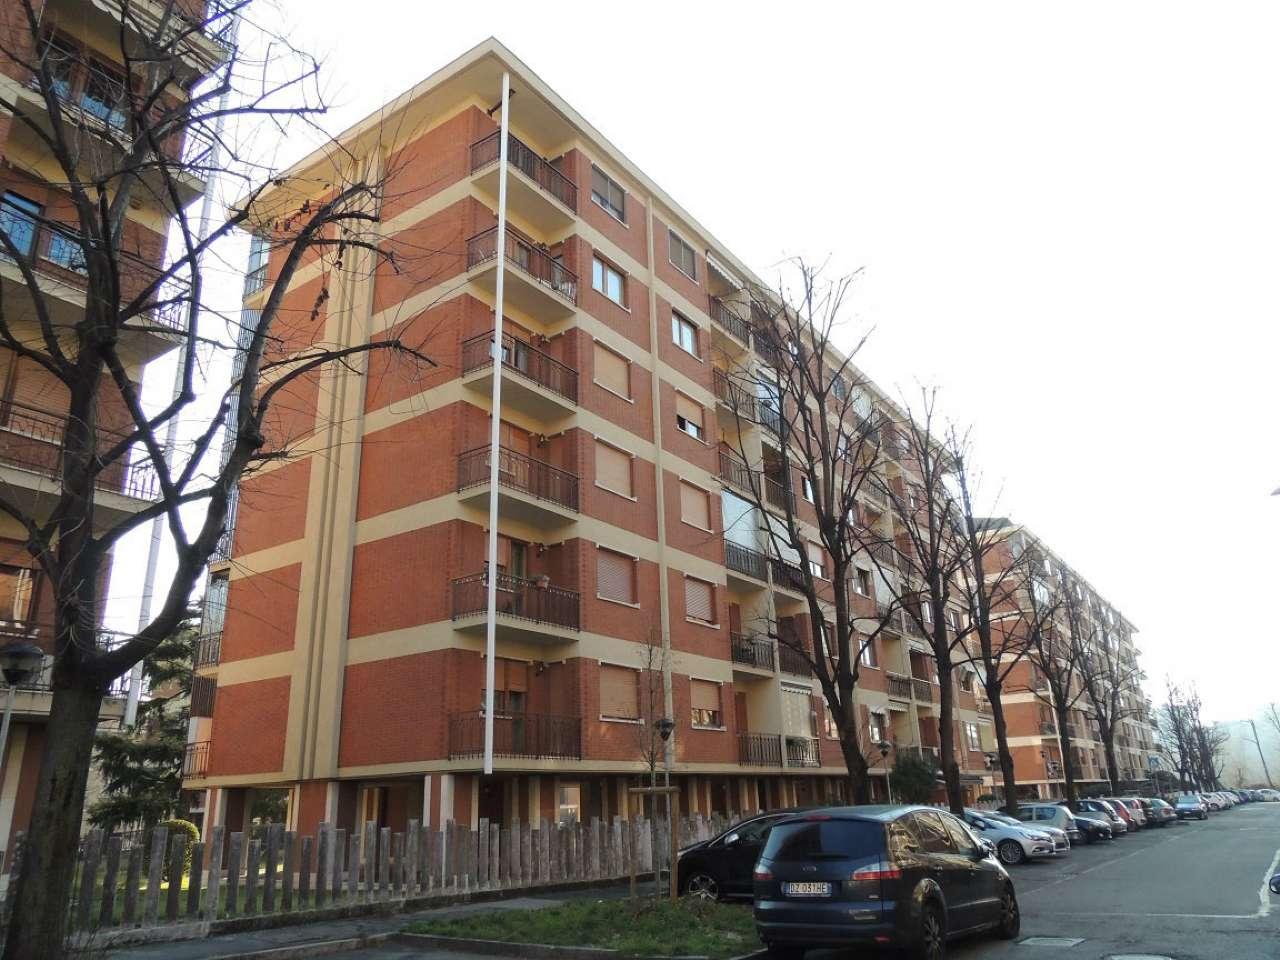 Appartamento in vendita a Collegno, 2 locali, prezzo € 89.000 | Cambio Casa.it